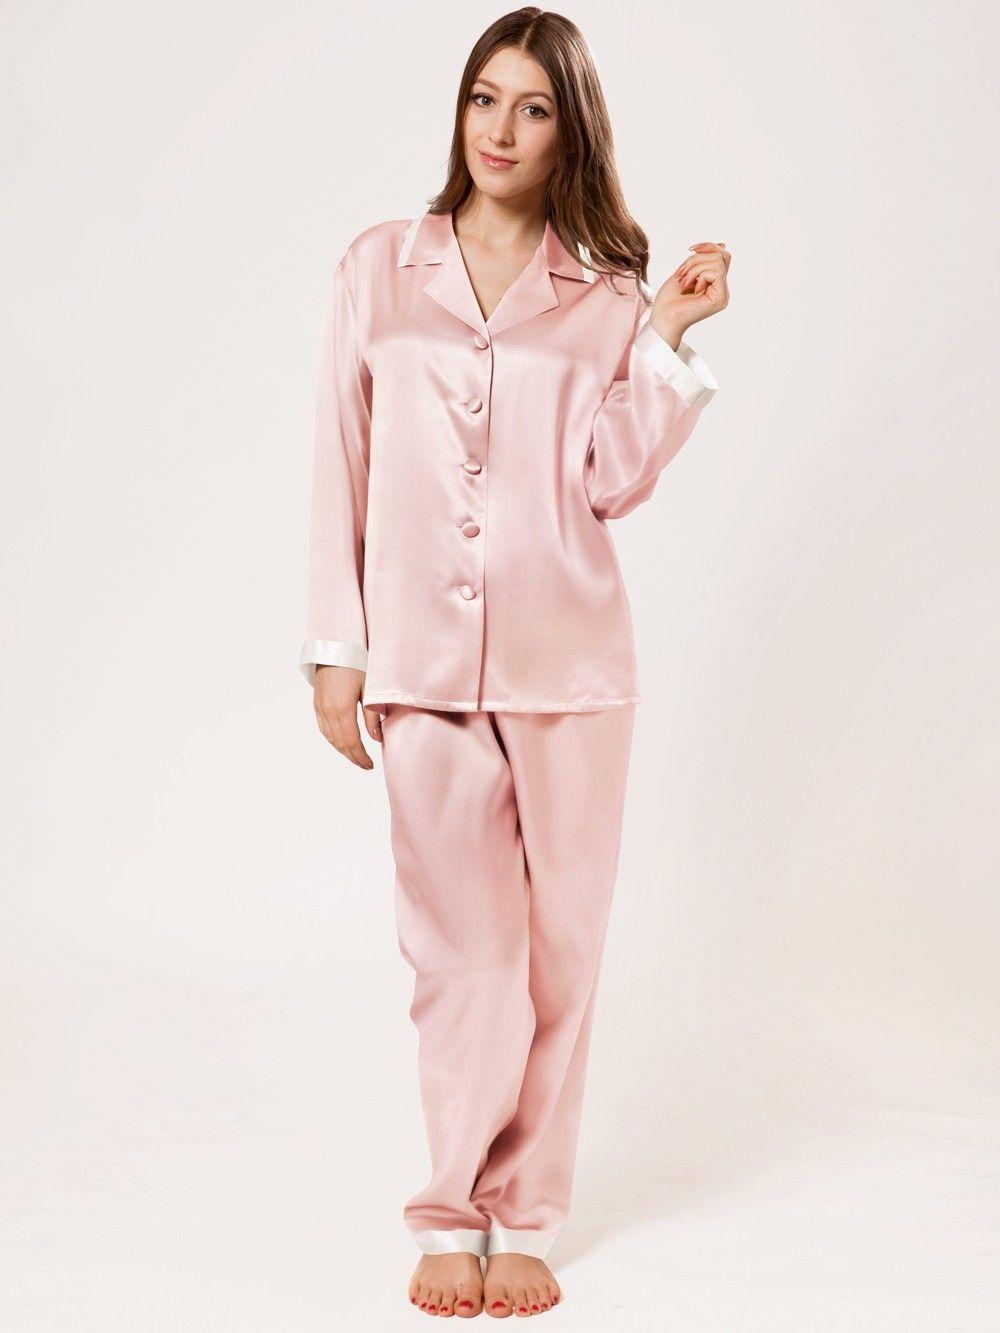 Long Sleeves Silk Pajama Set for Women | Silk pajama set